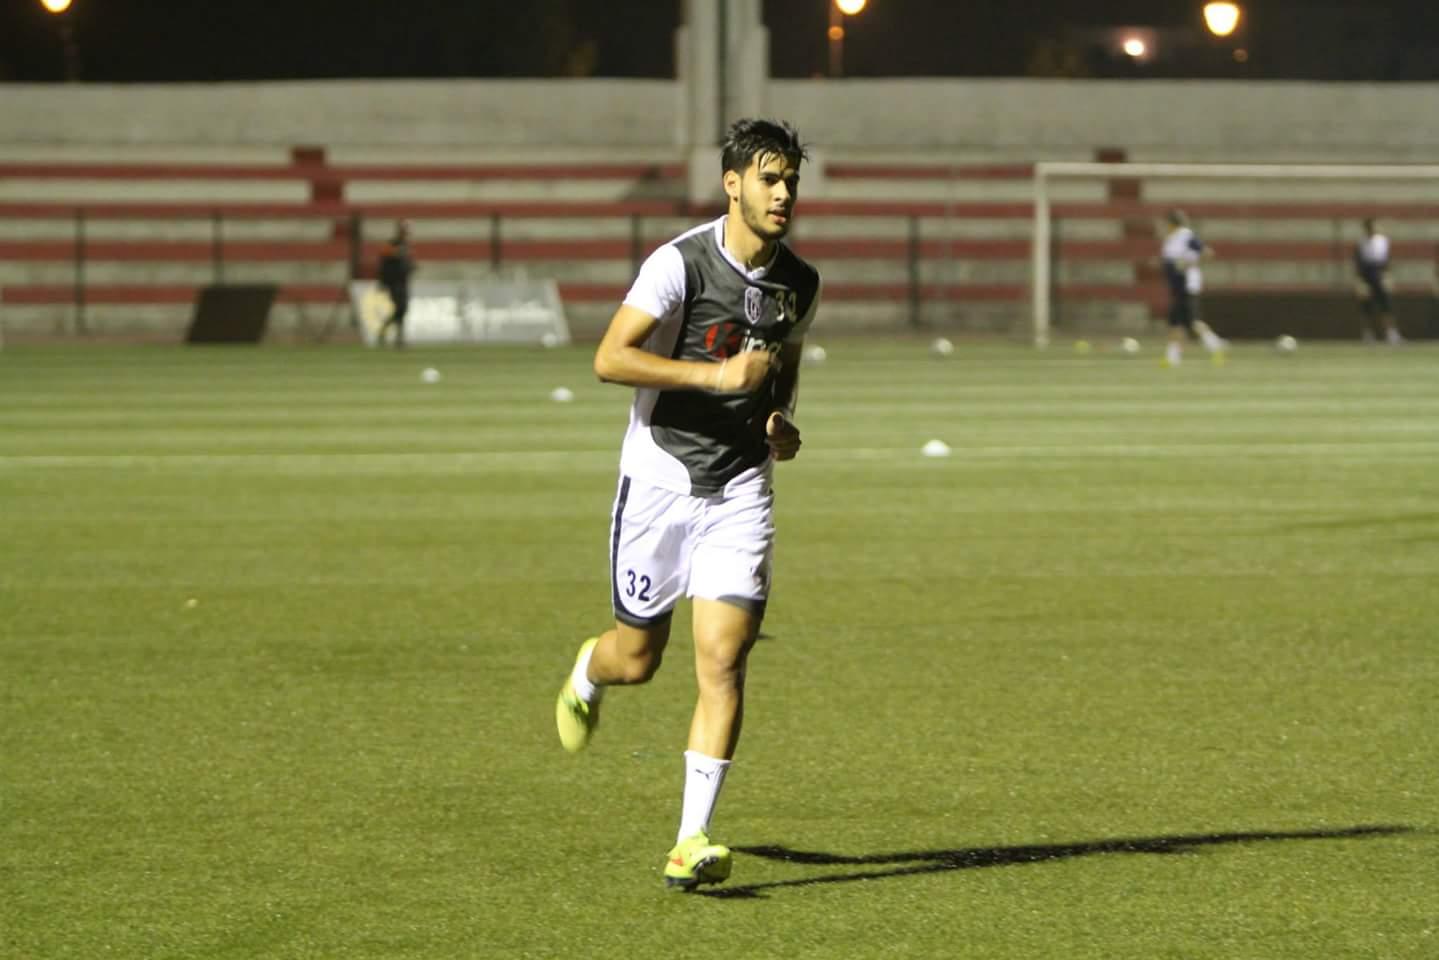 المغرب التطواني يعير لاعبه ياسين الطاهري لنادي أولمبيك الدشيرة